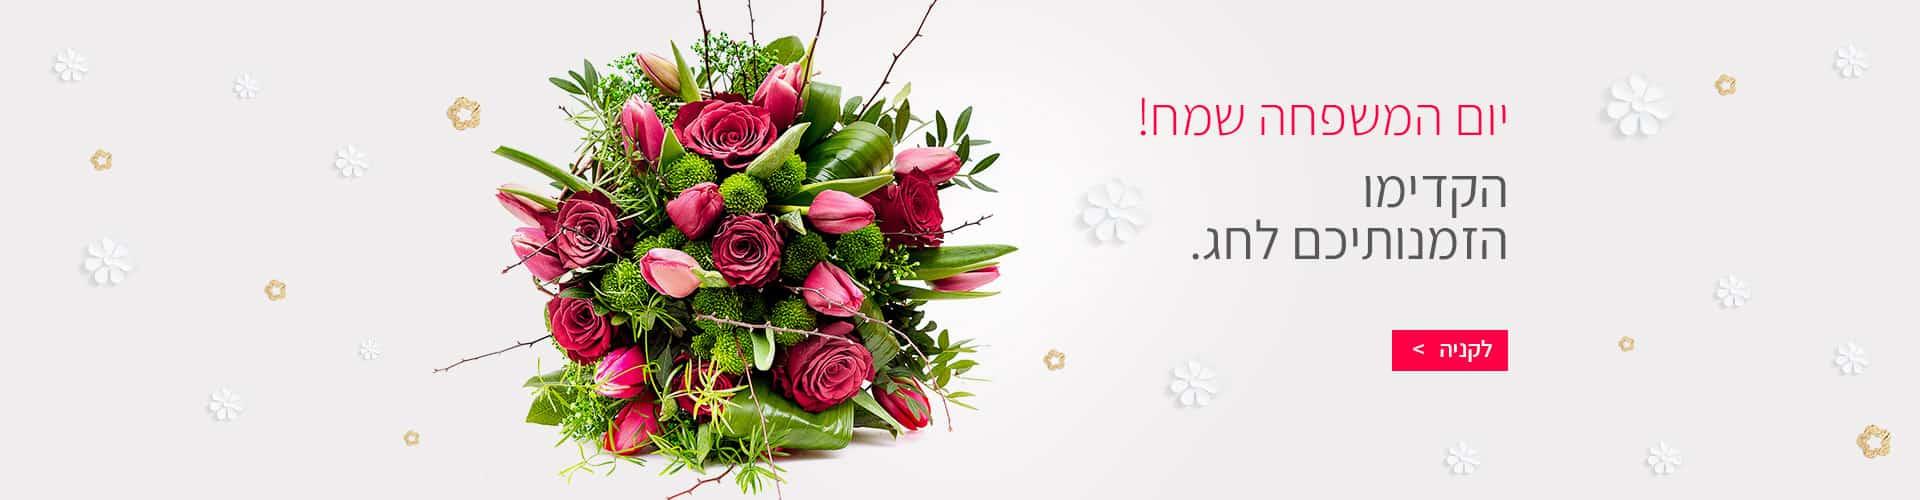 יום משפחה - שדה פרחים משלוחי פרחים